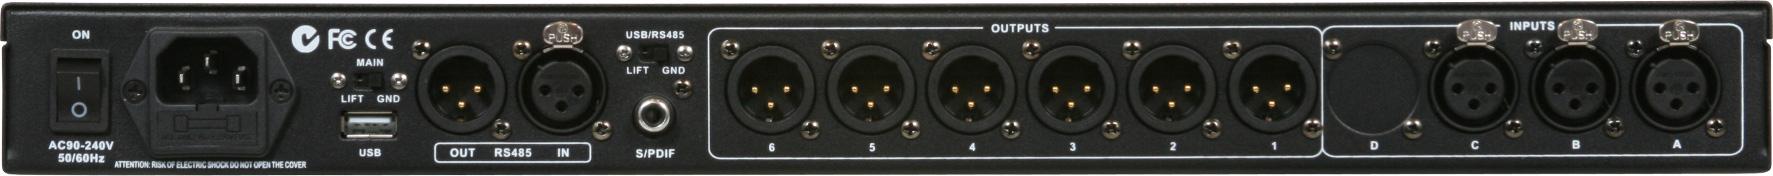 DSPOT 3x6 Digital Signal Processor